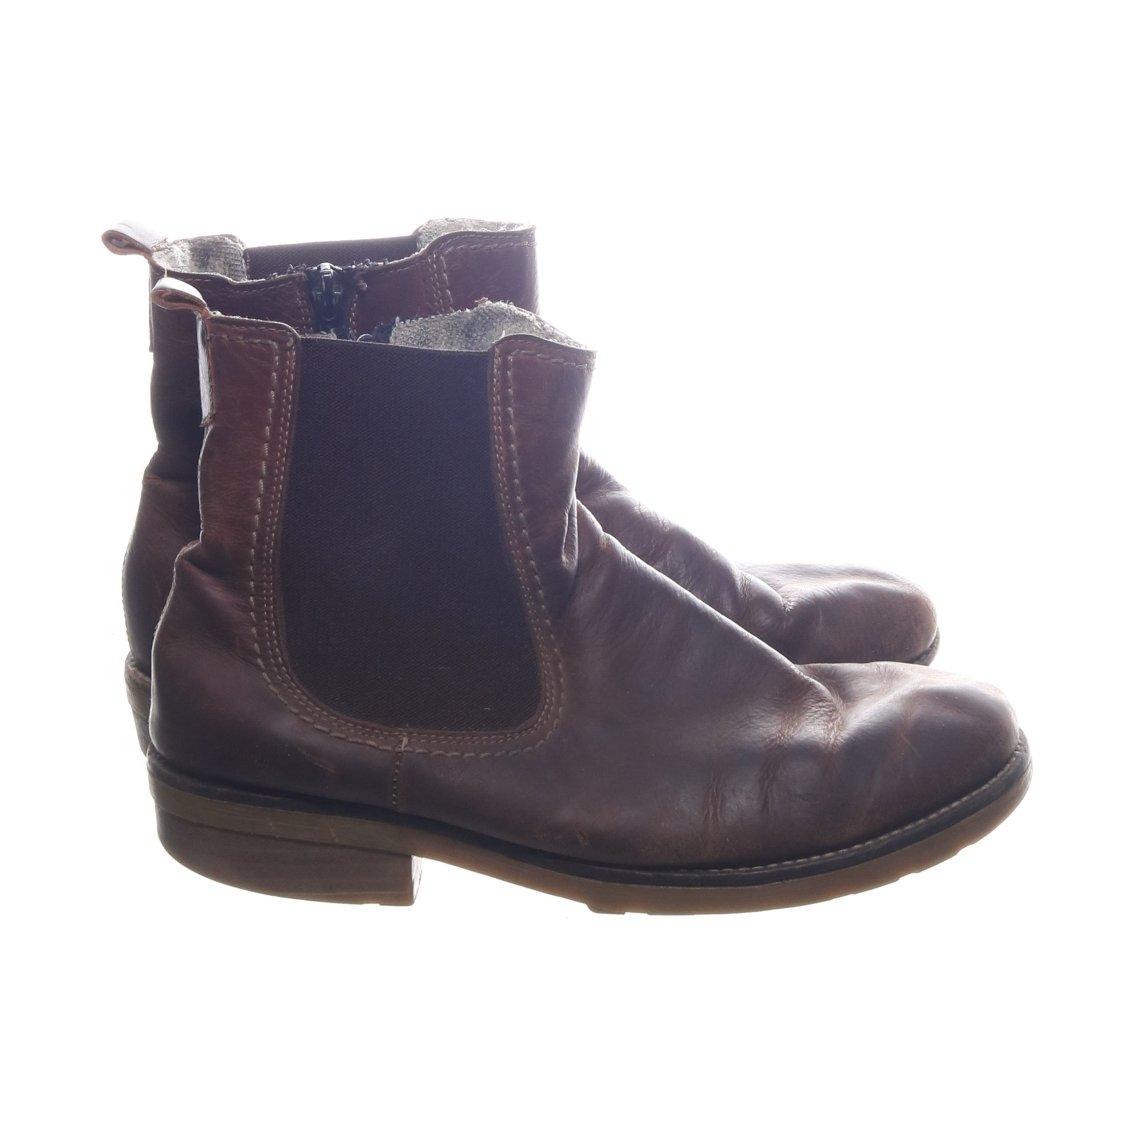 snygga bruna boots